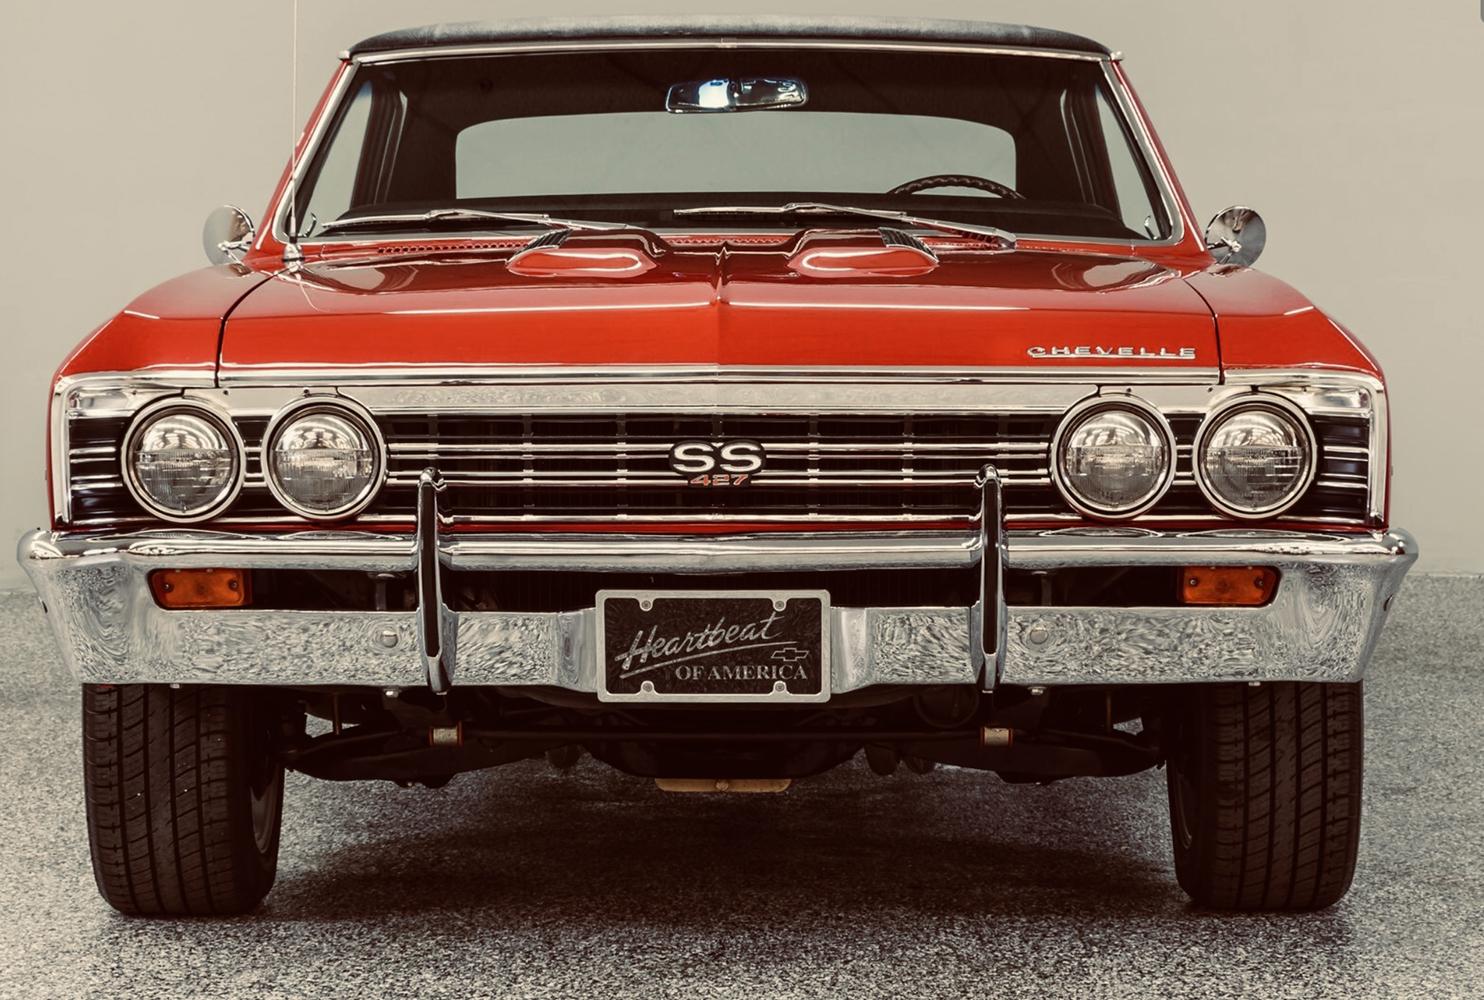 jim d's 1967 chevelle ss